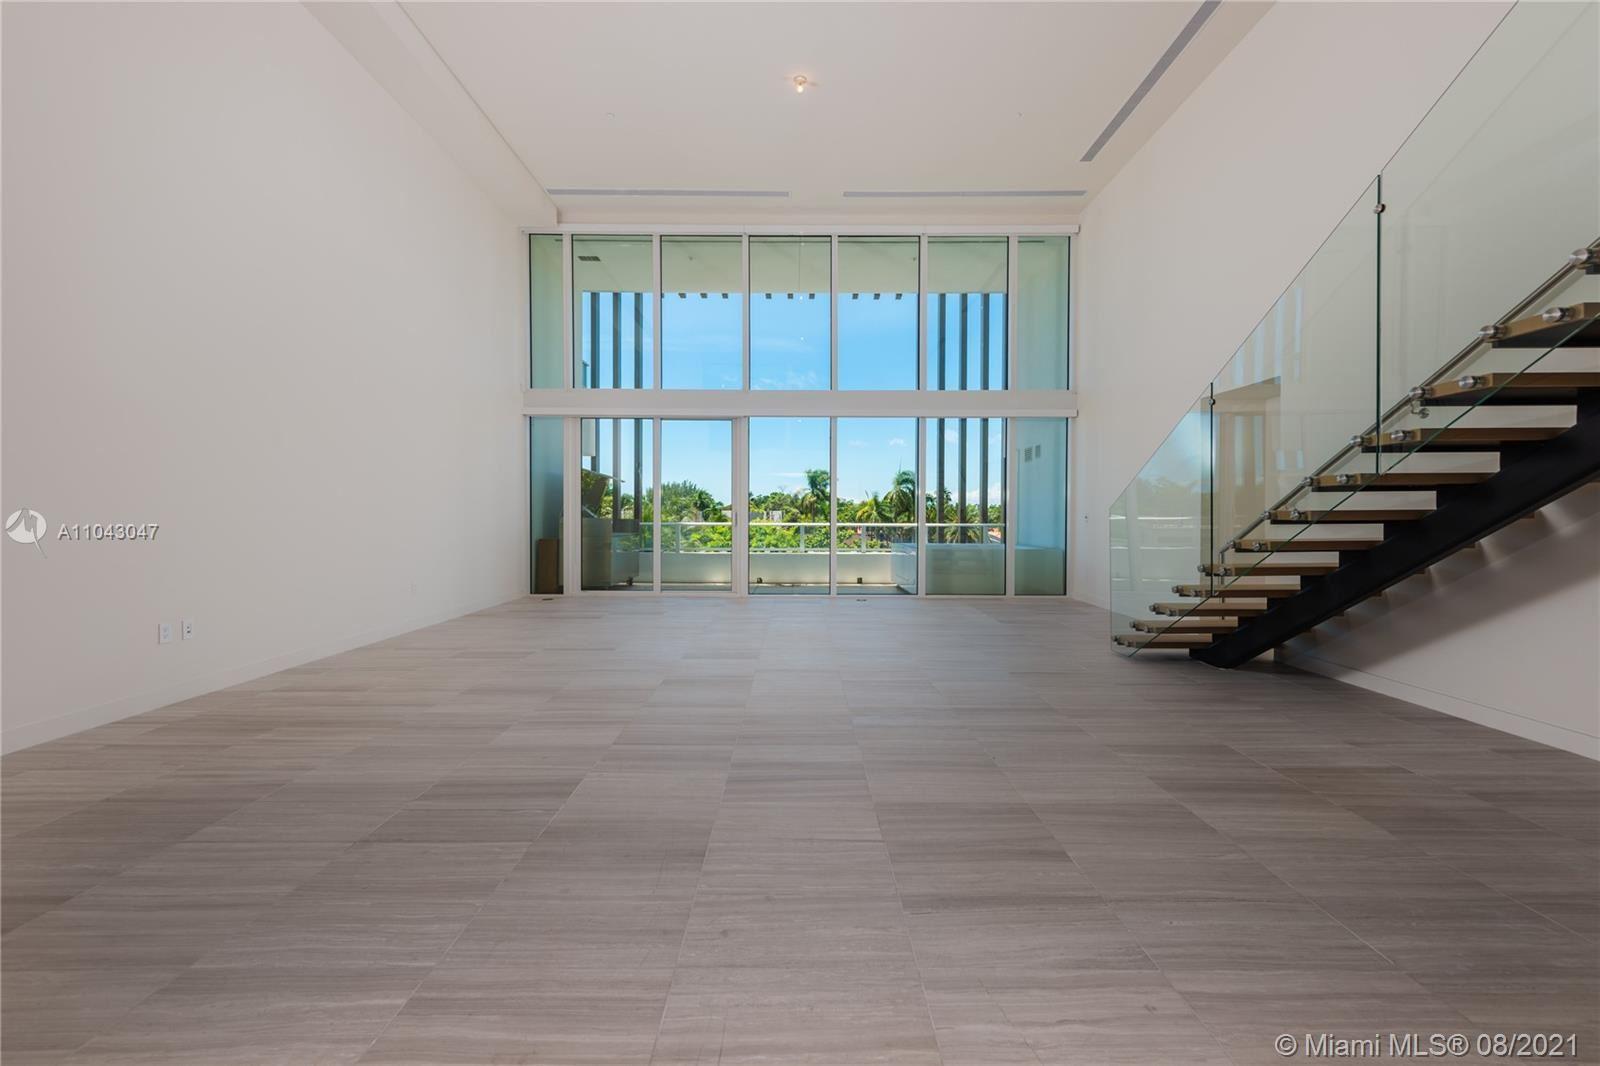 4701 N Meridian Ave #319, Miami Beach, FL 33140 - #: A11043047